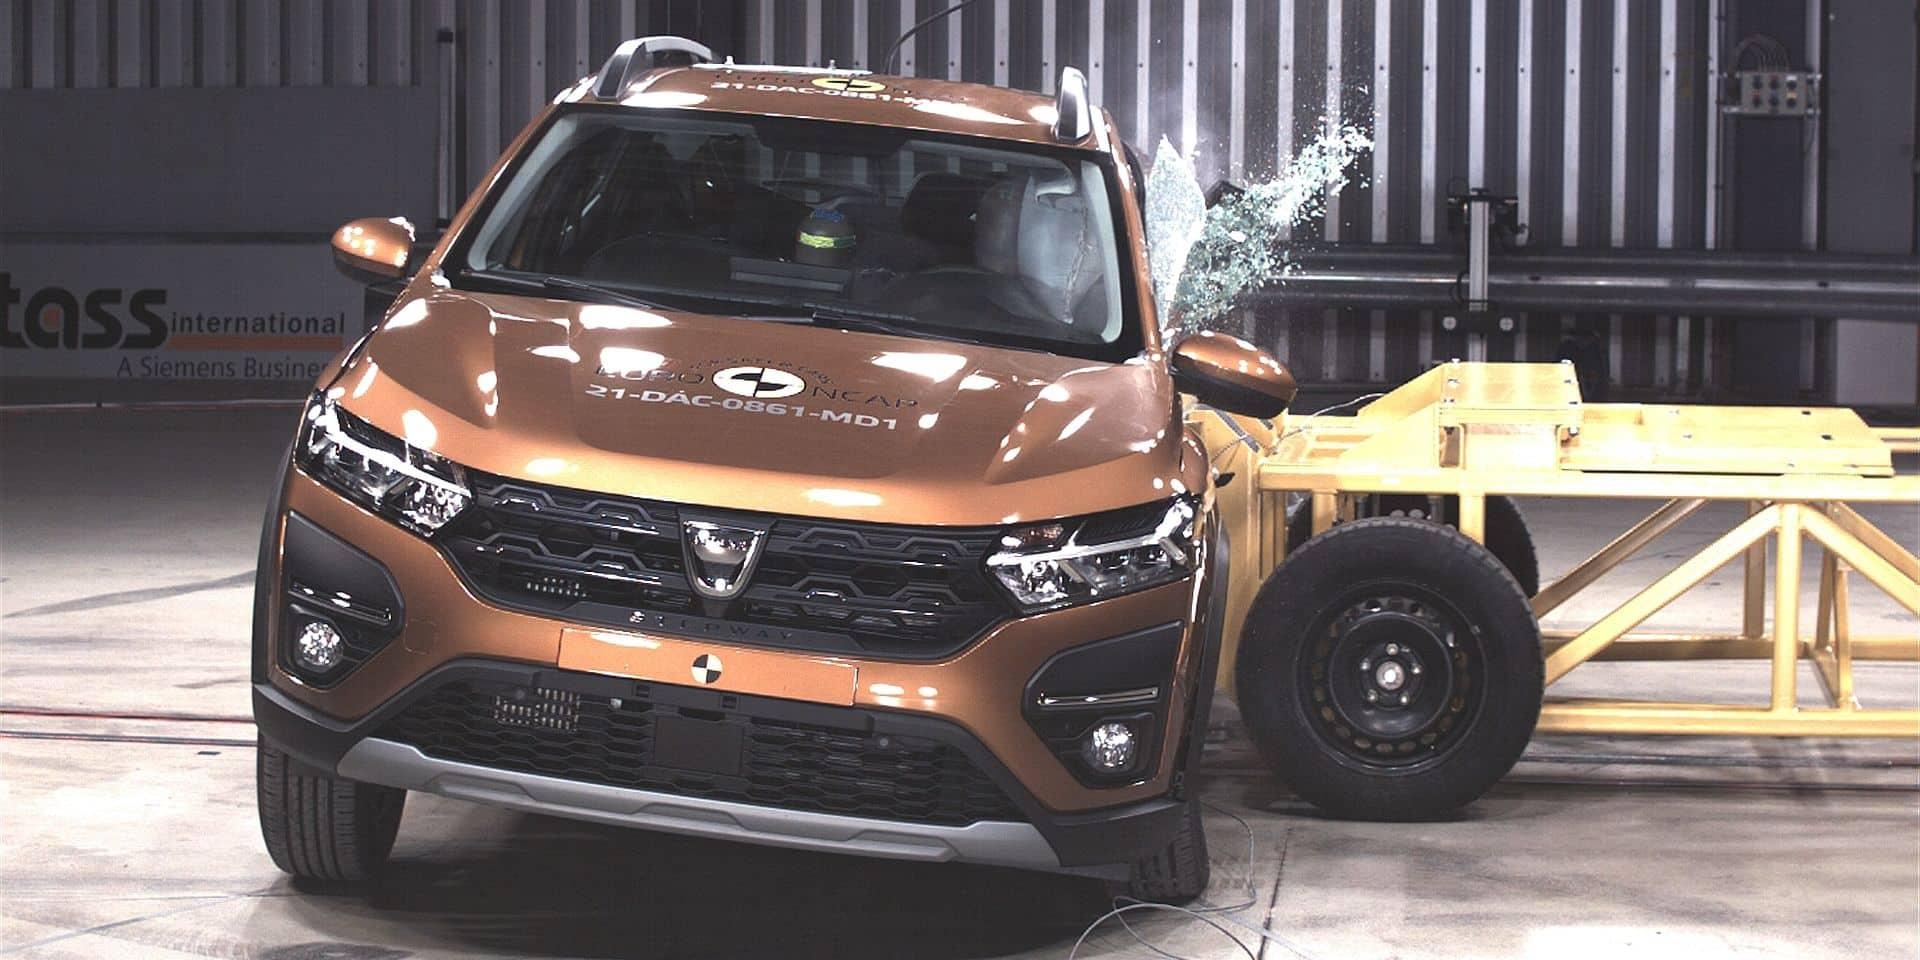 La nouvelle Dacia Sandero est-elle dangereuse ? Non, voici pourquoi